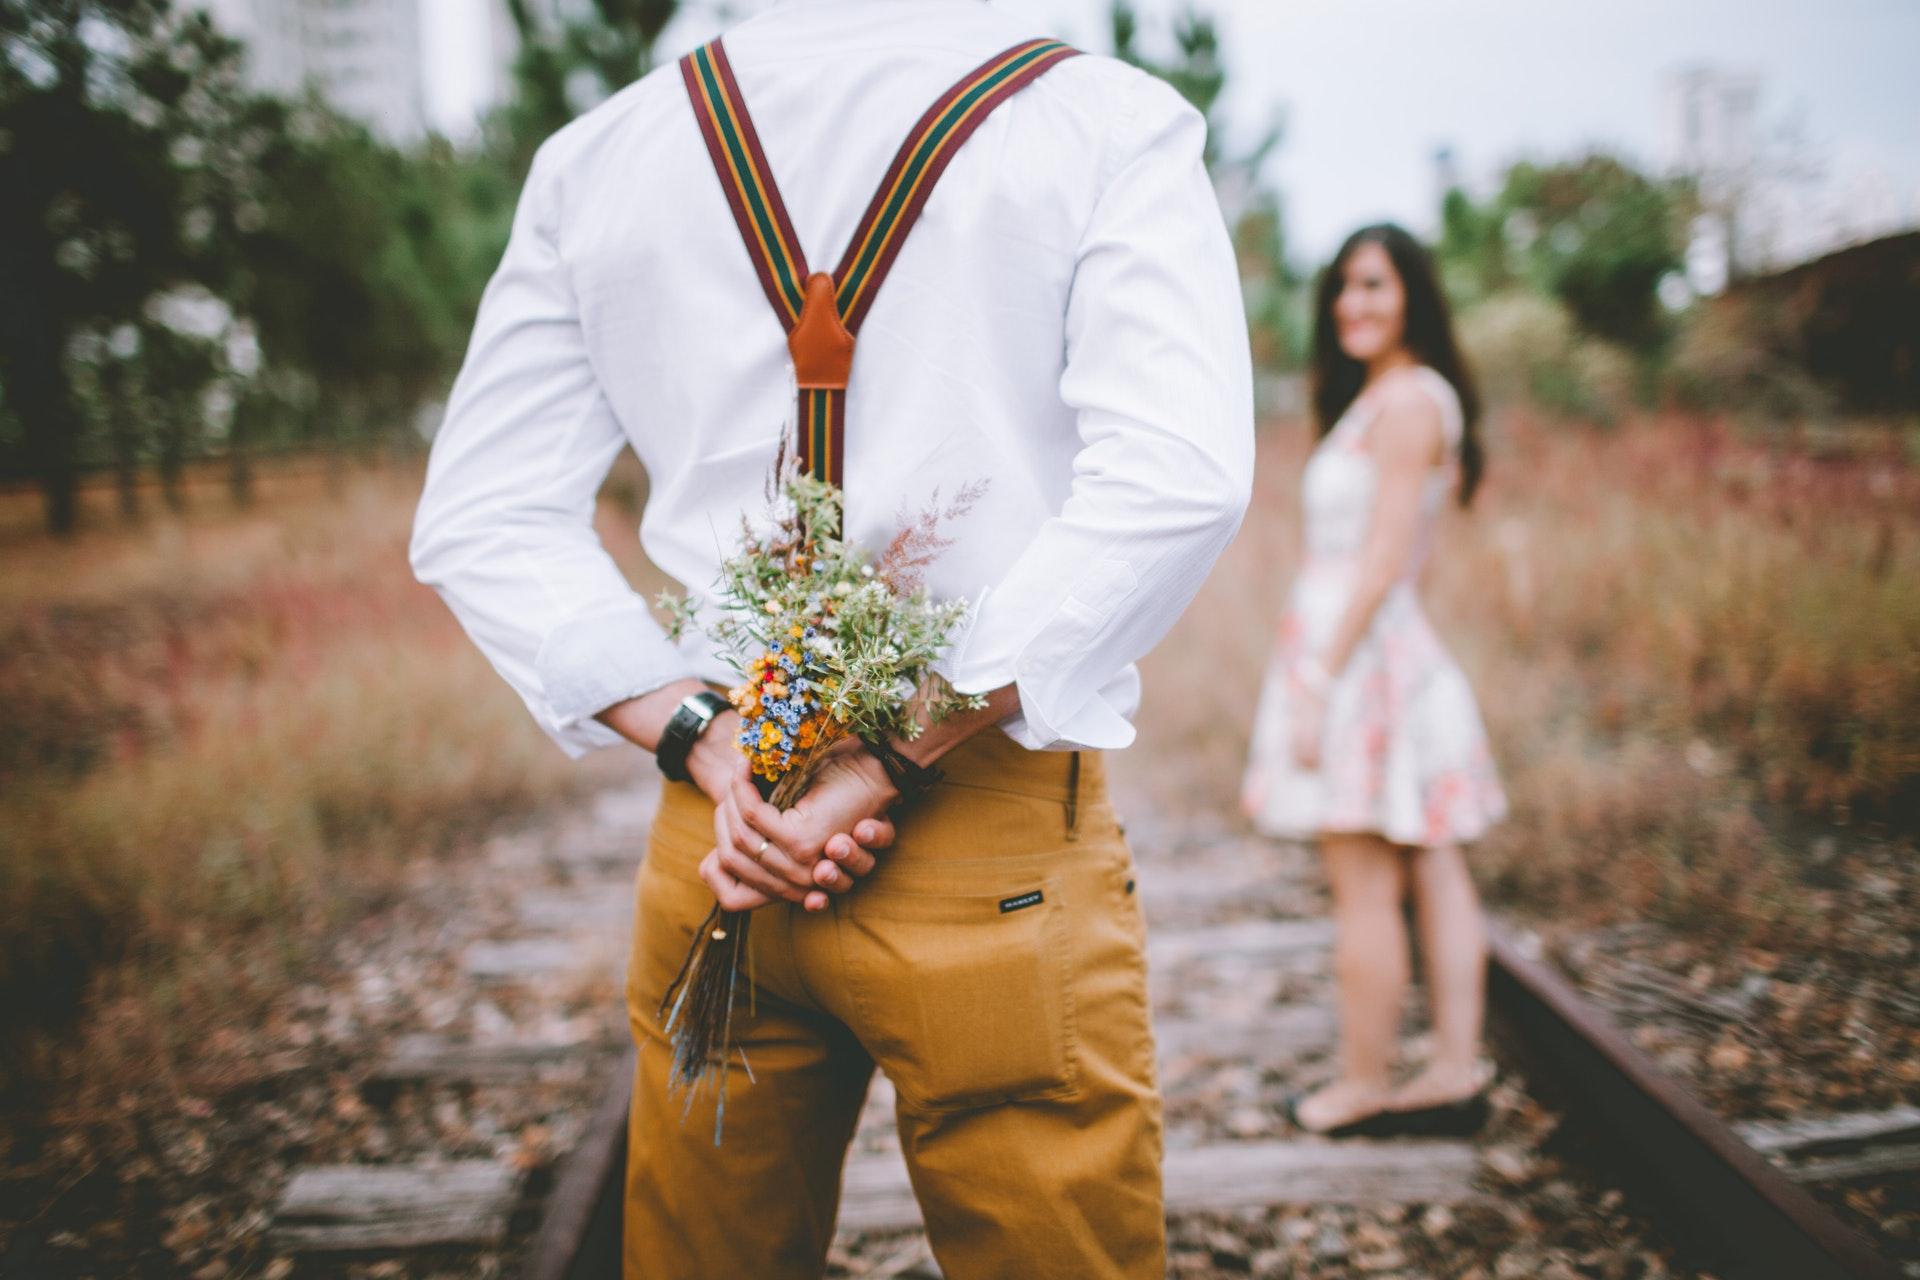 花束を隠し持つ男性